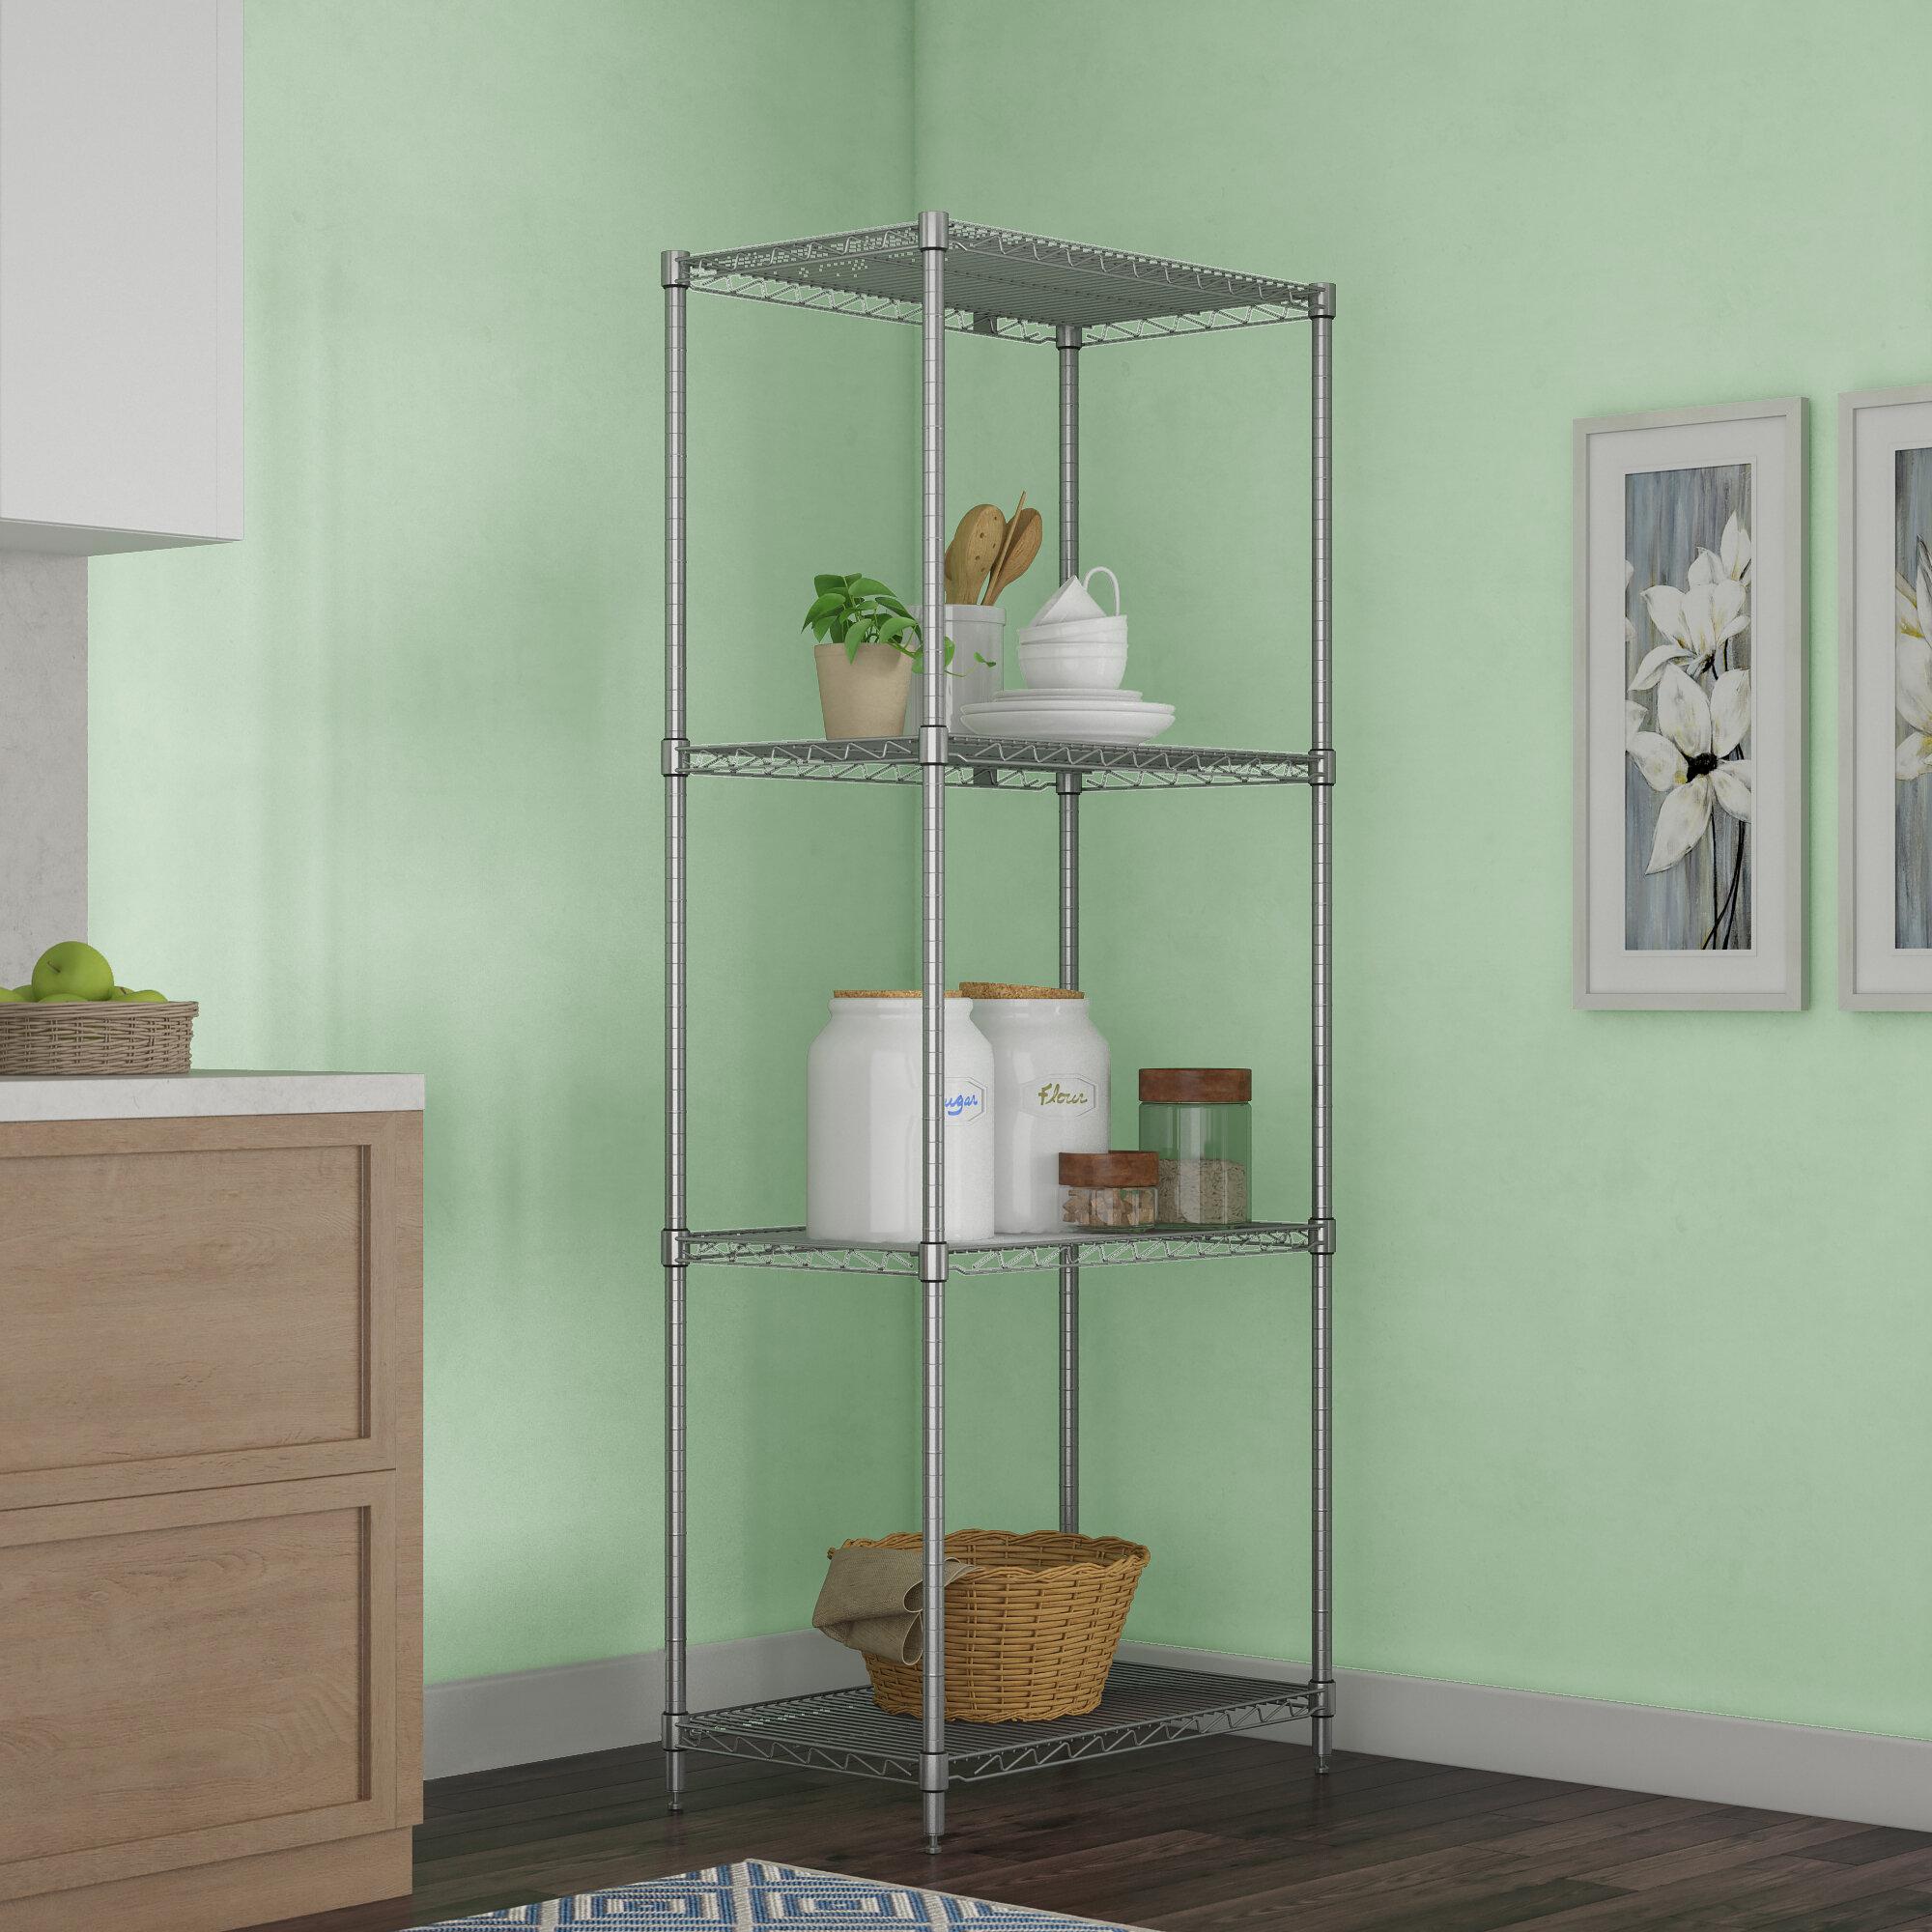 Nexel 4 Shelf Shelving Unit Starter